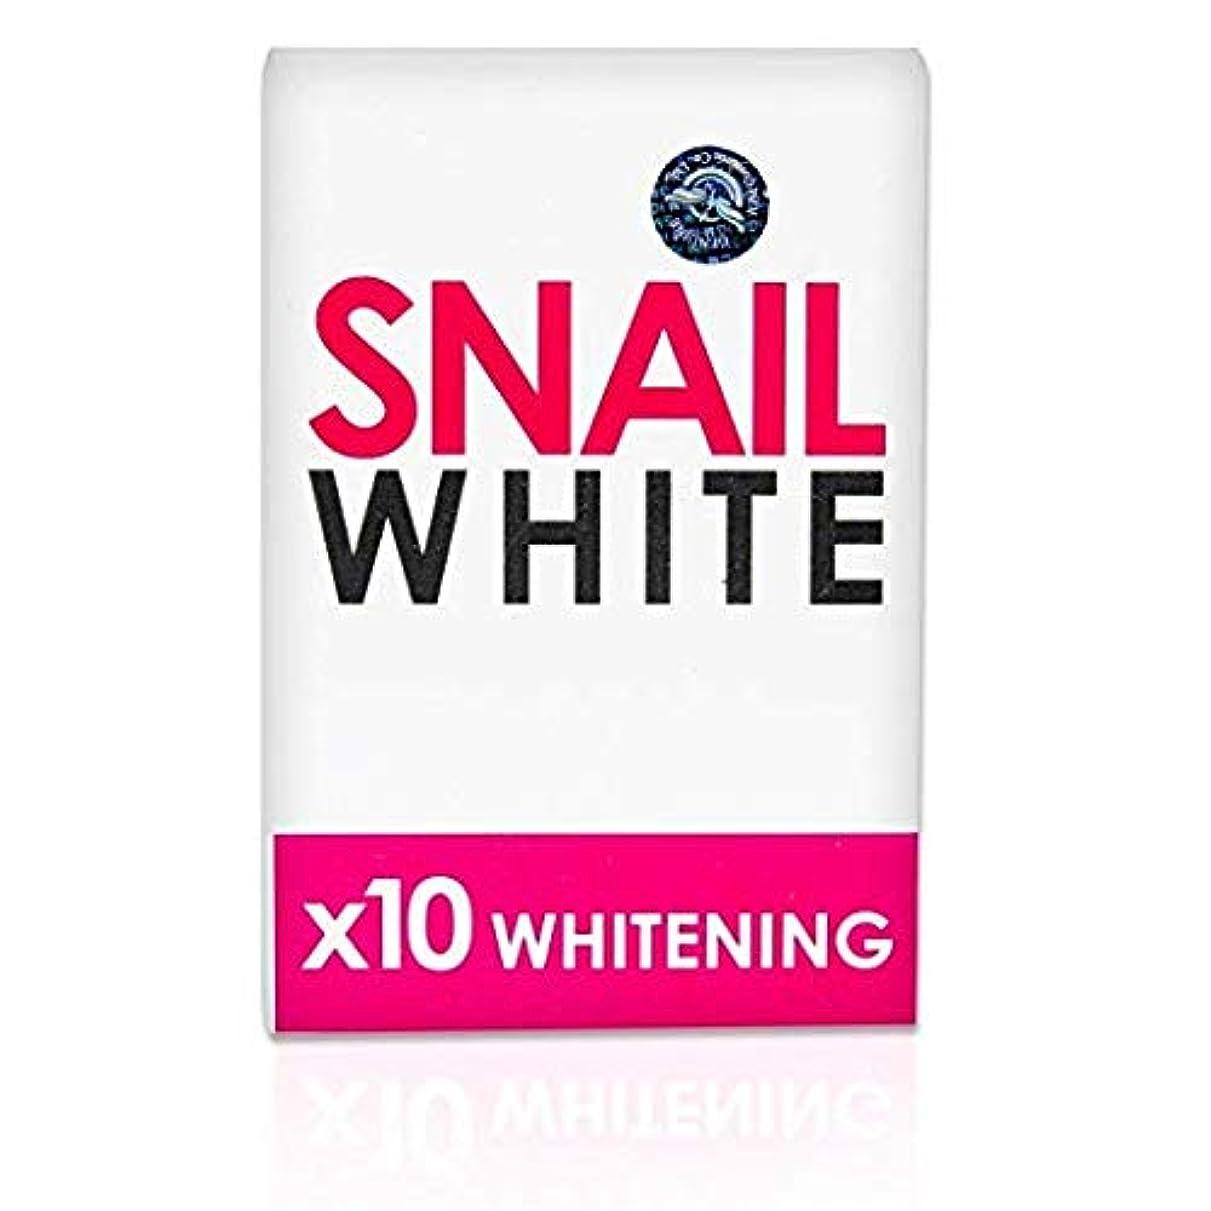 思いやり墓おとうさんスネイルホワイト Gluta Snail White x10 Whitening by Dream ホワイトニング 固形石鹸 2個